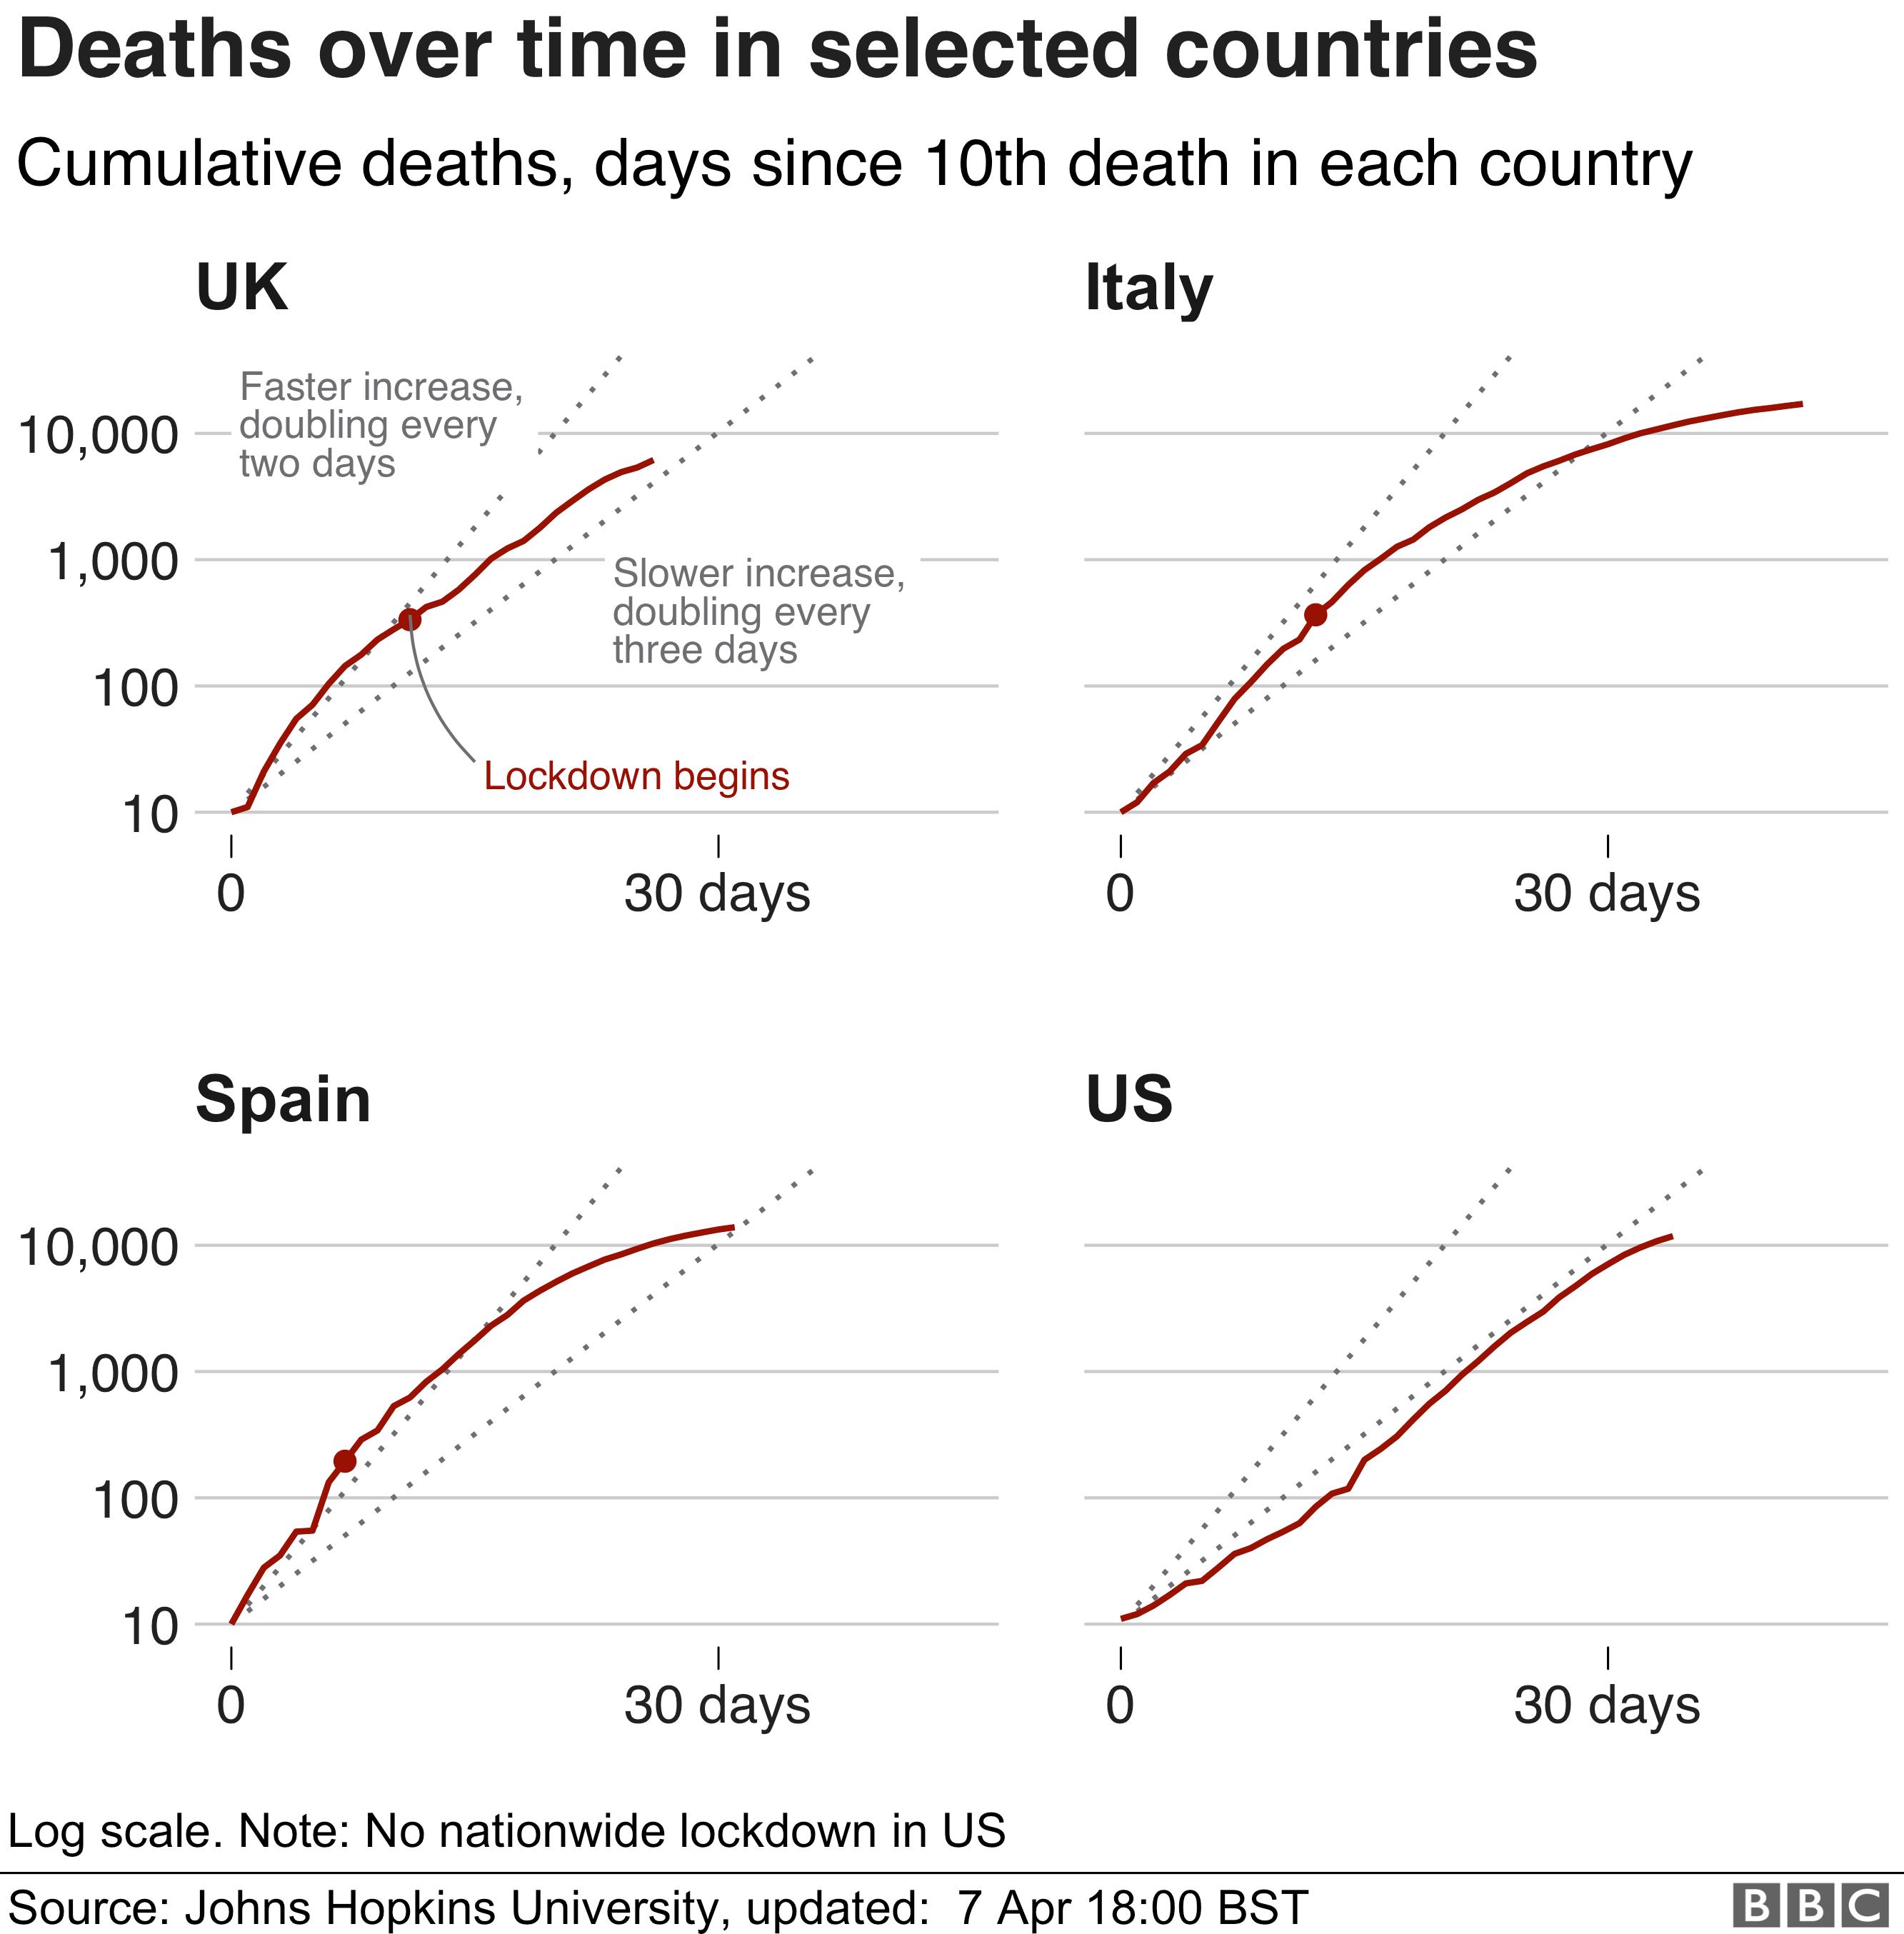 該圖顯示了所選國家/地區隨時間推移的累計死亡人數。 西班牙和意大利的死亡率都在下降,而美國的死亡率則每兩到三天翻一番。